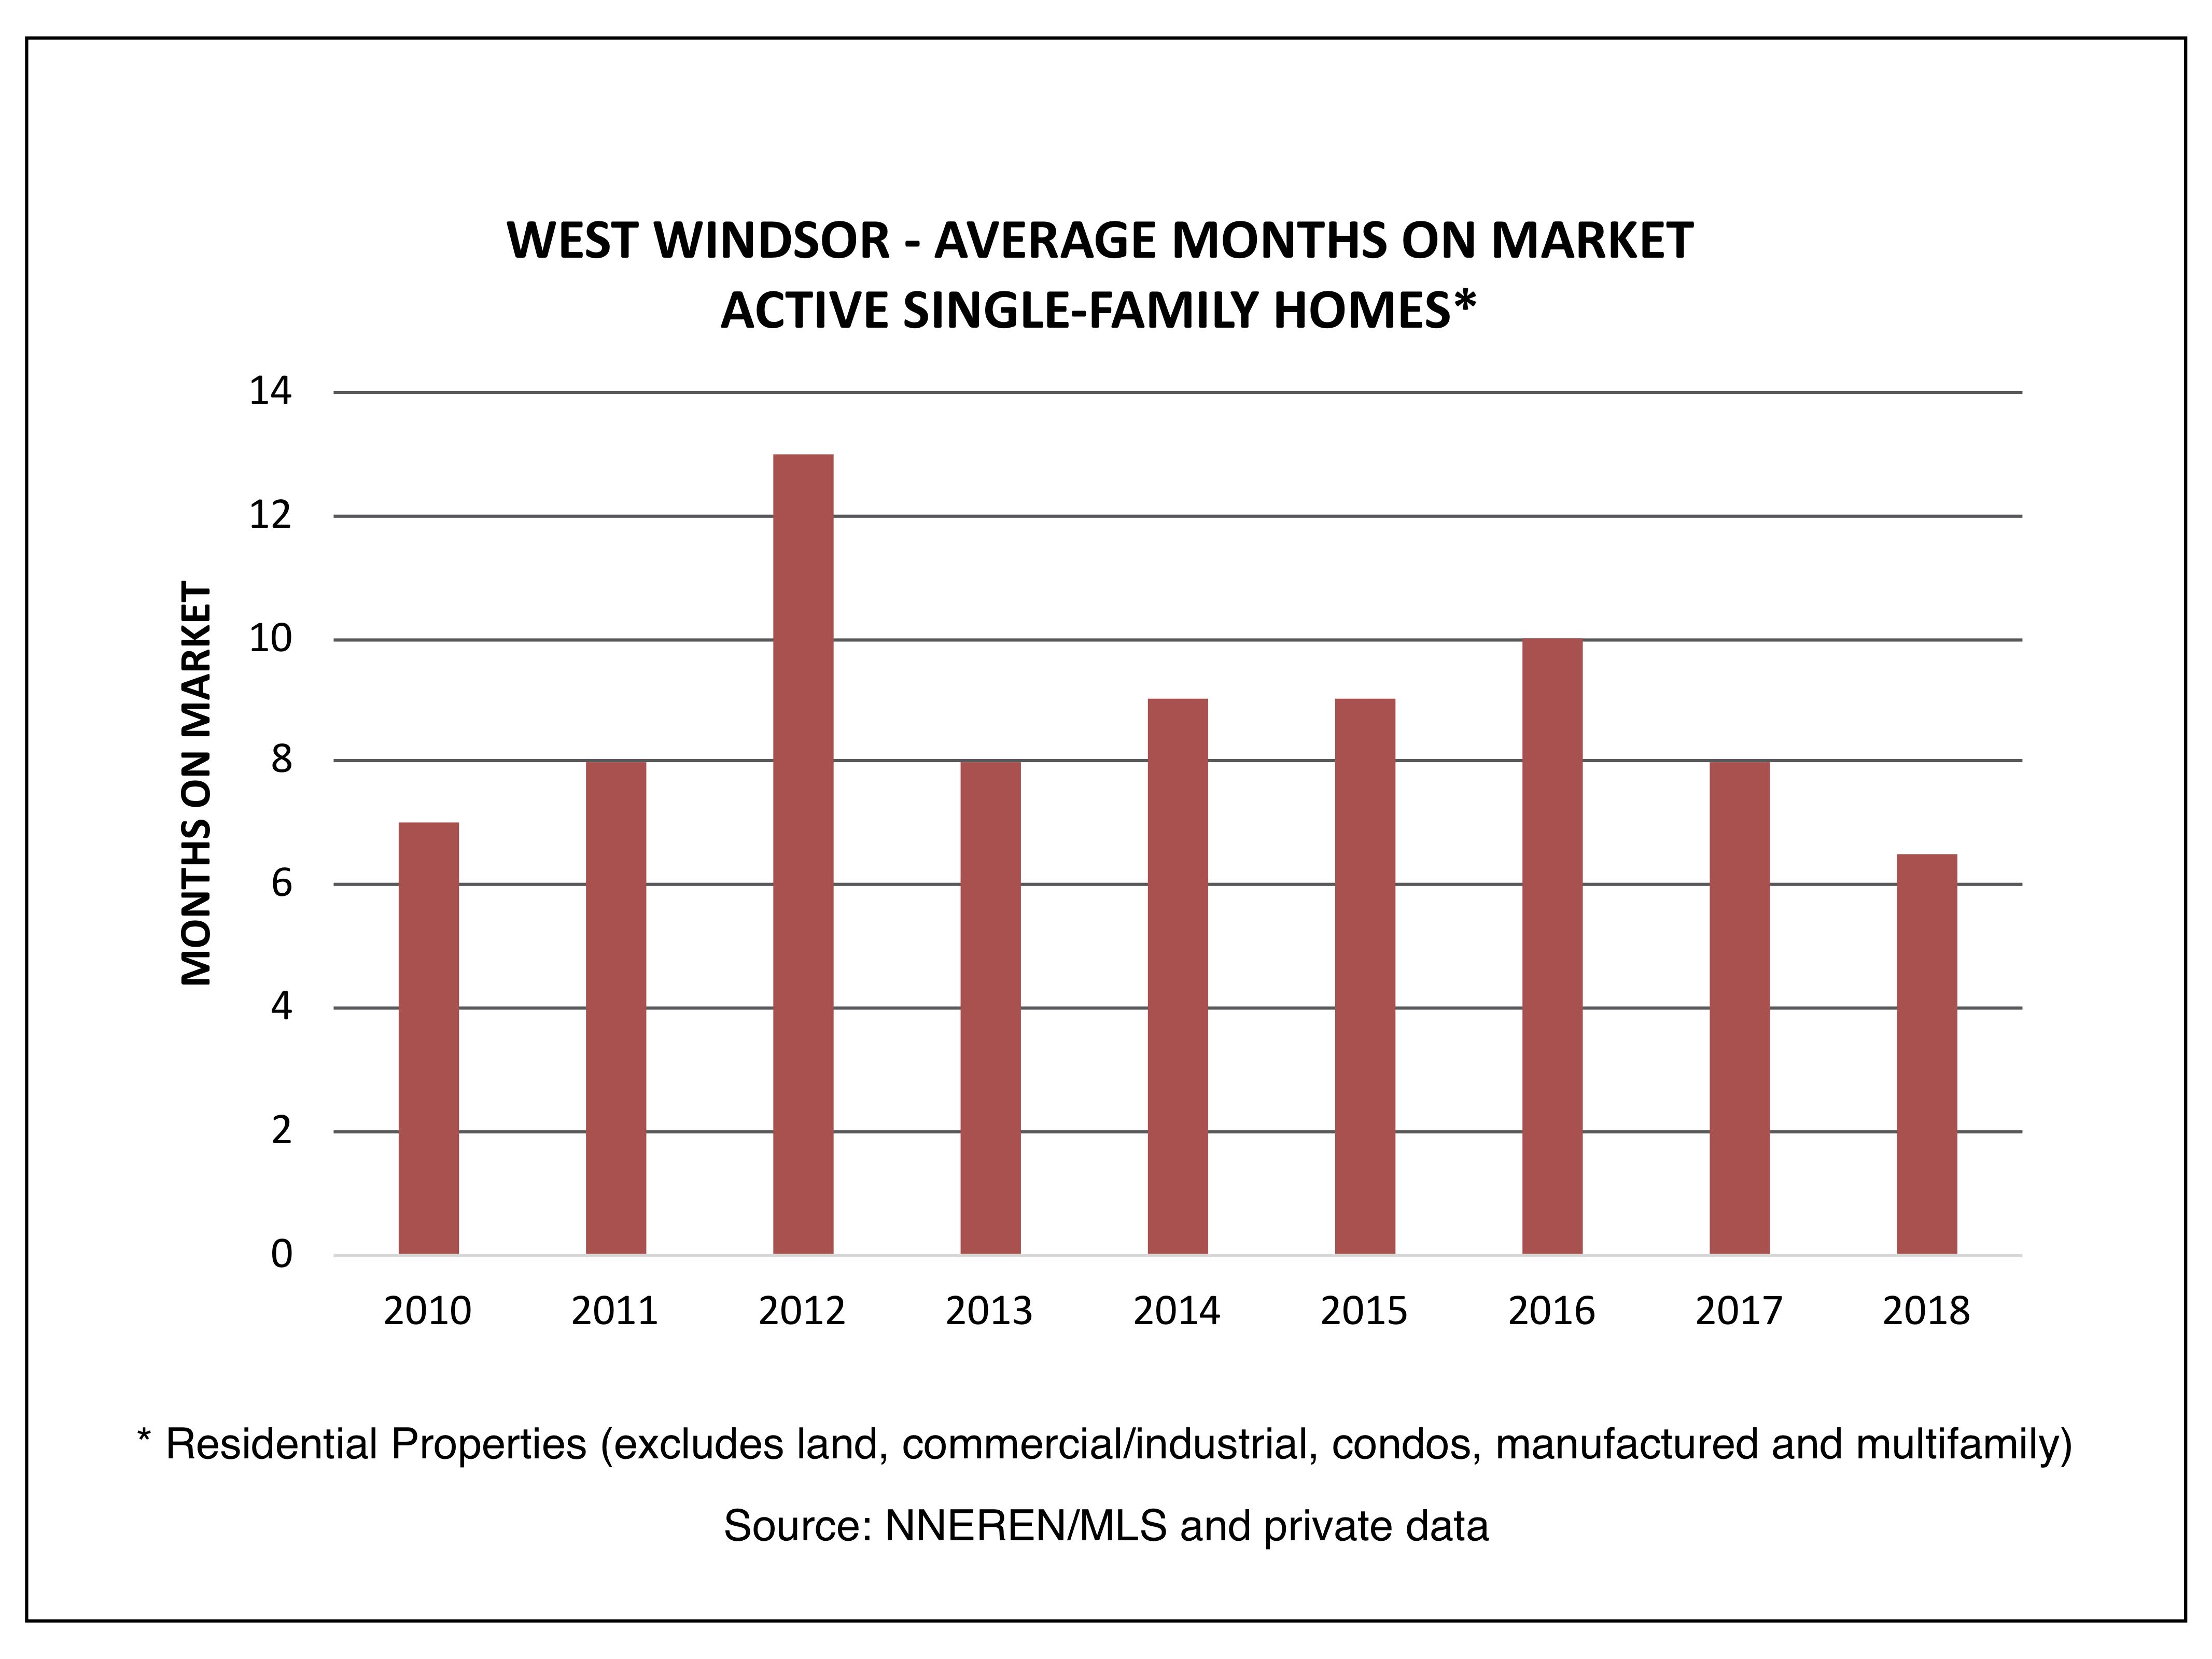 West Windsor VT Real Estate - Avg Months on Market, Active Homes